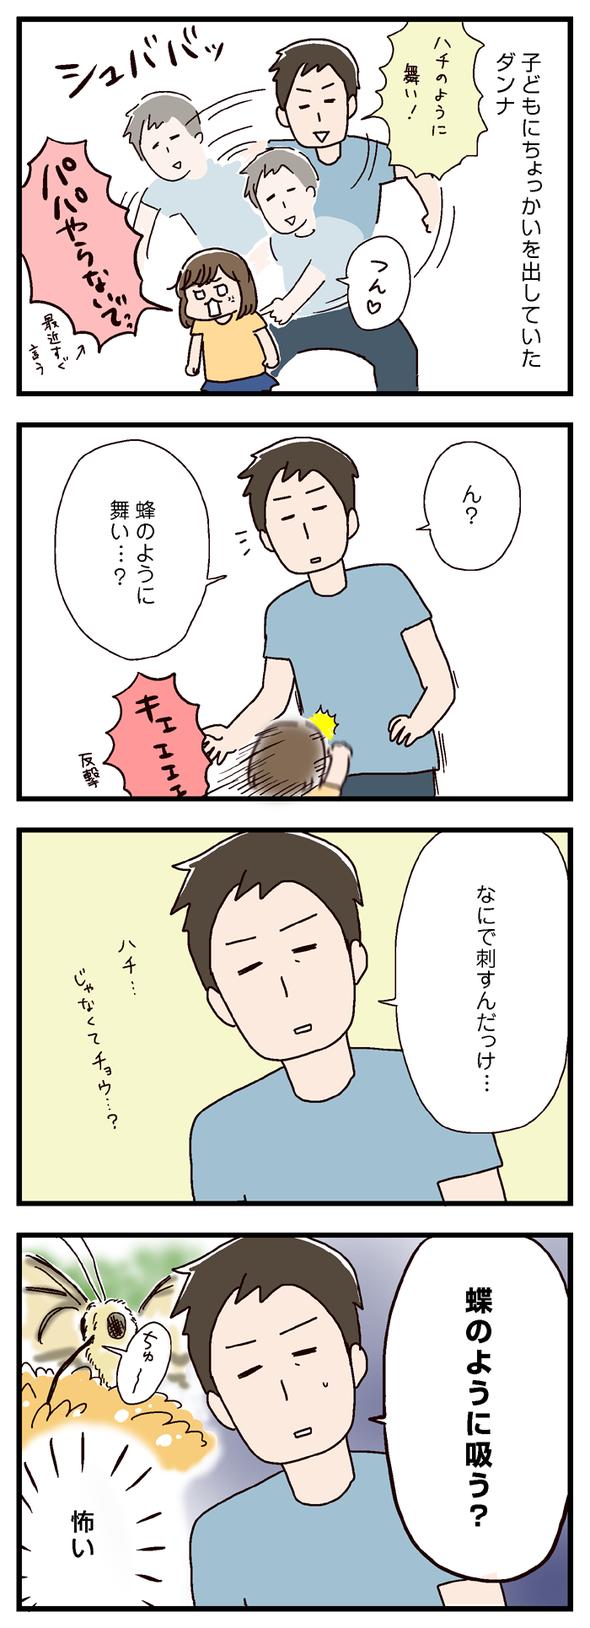 icchomae543